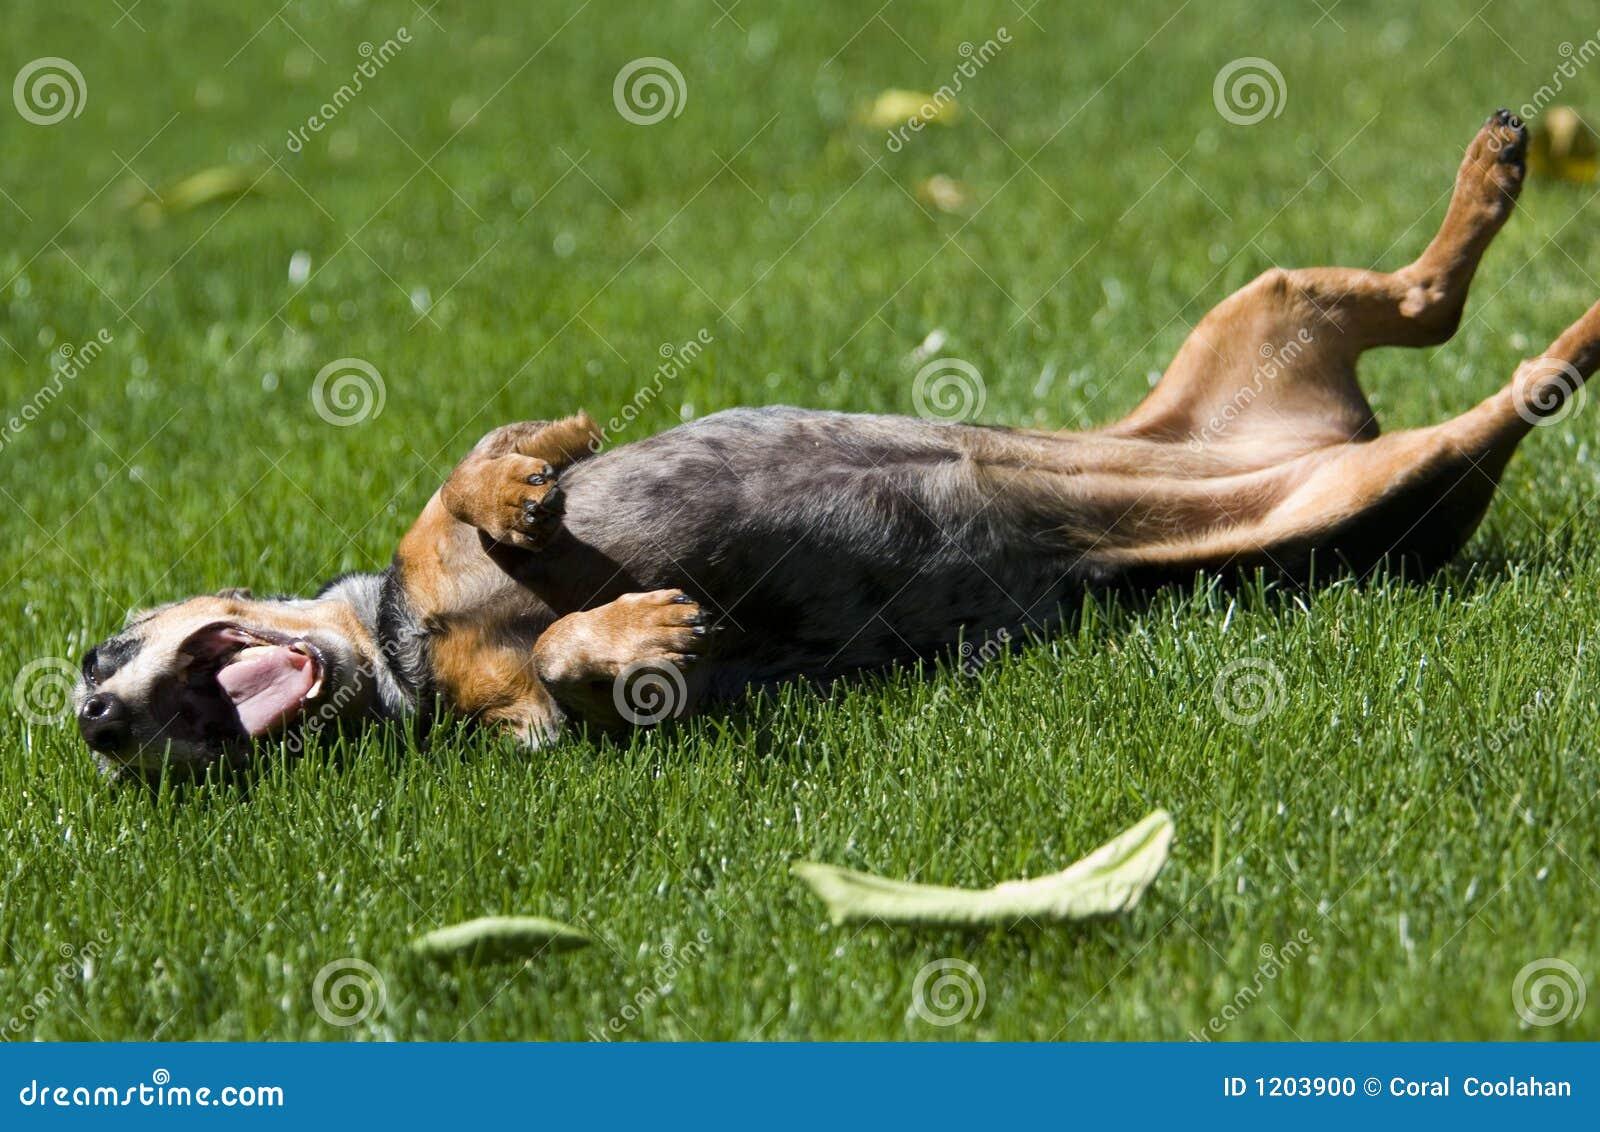 Very happy dachshund